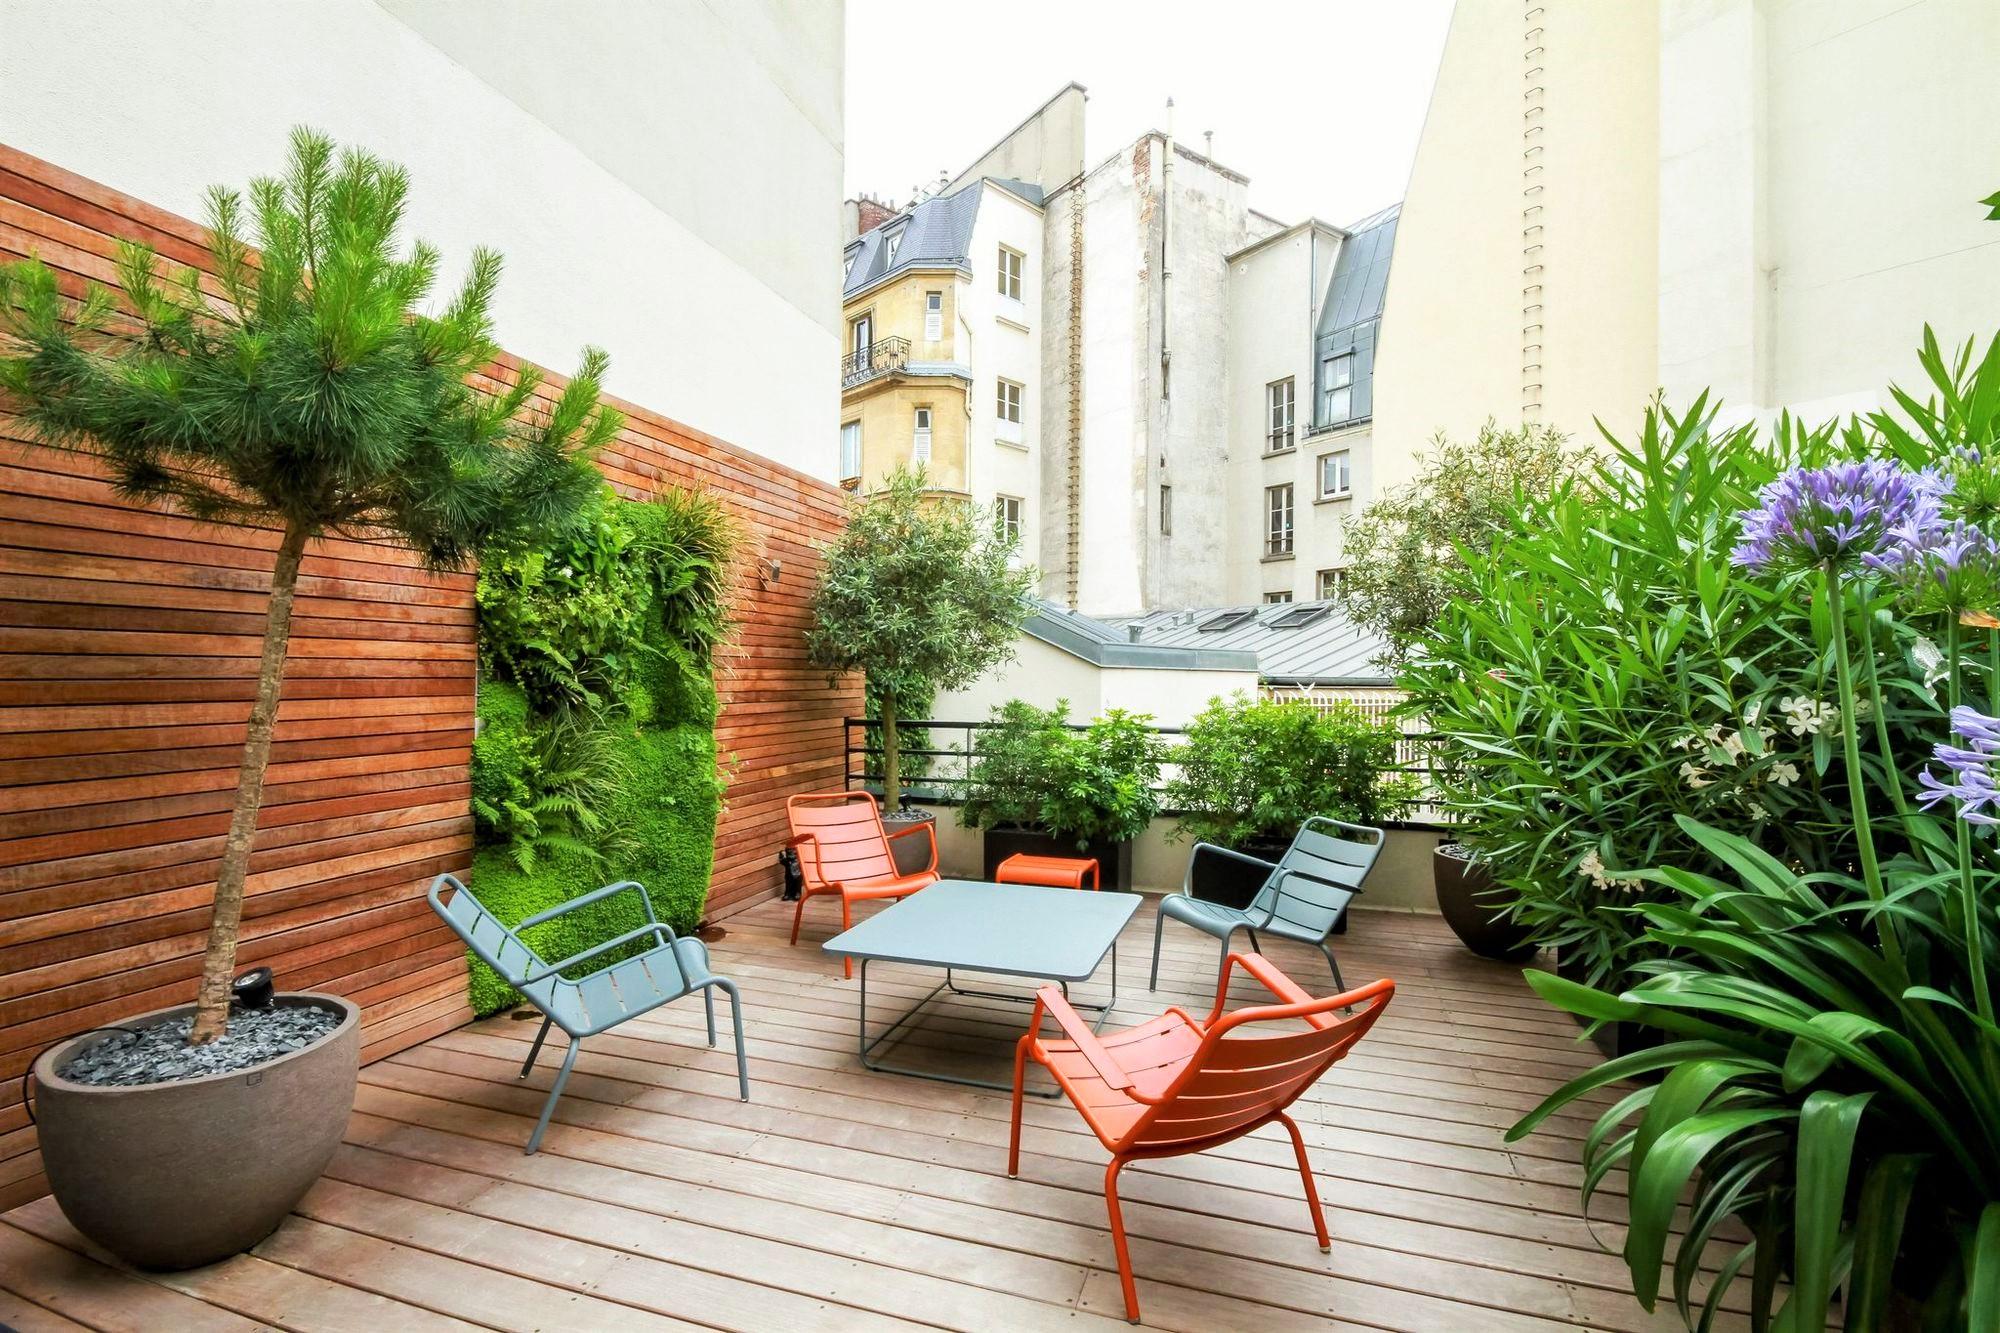 Comment Aménager Une Terrasse En Ville ? | 360M2.fr intérieur Amenager Une Grande Terrasse